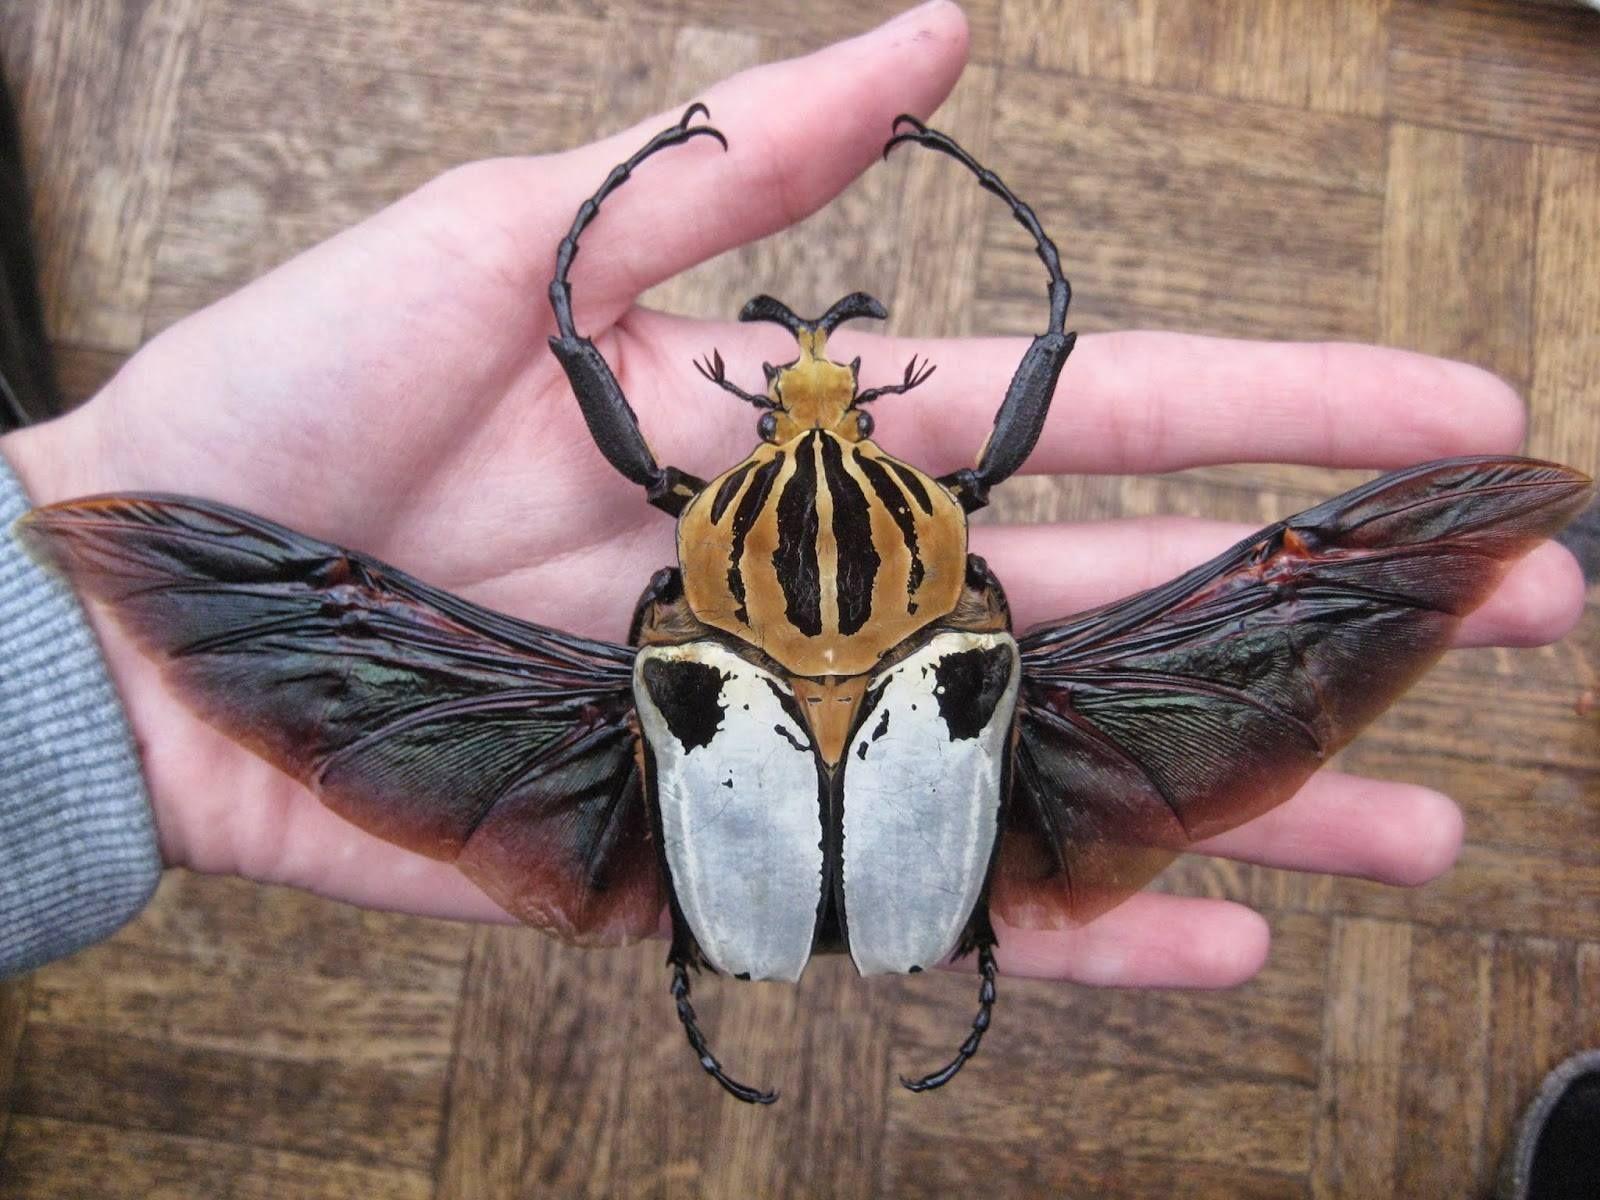 Goliath Beetle Larvae